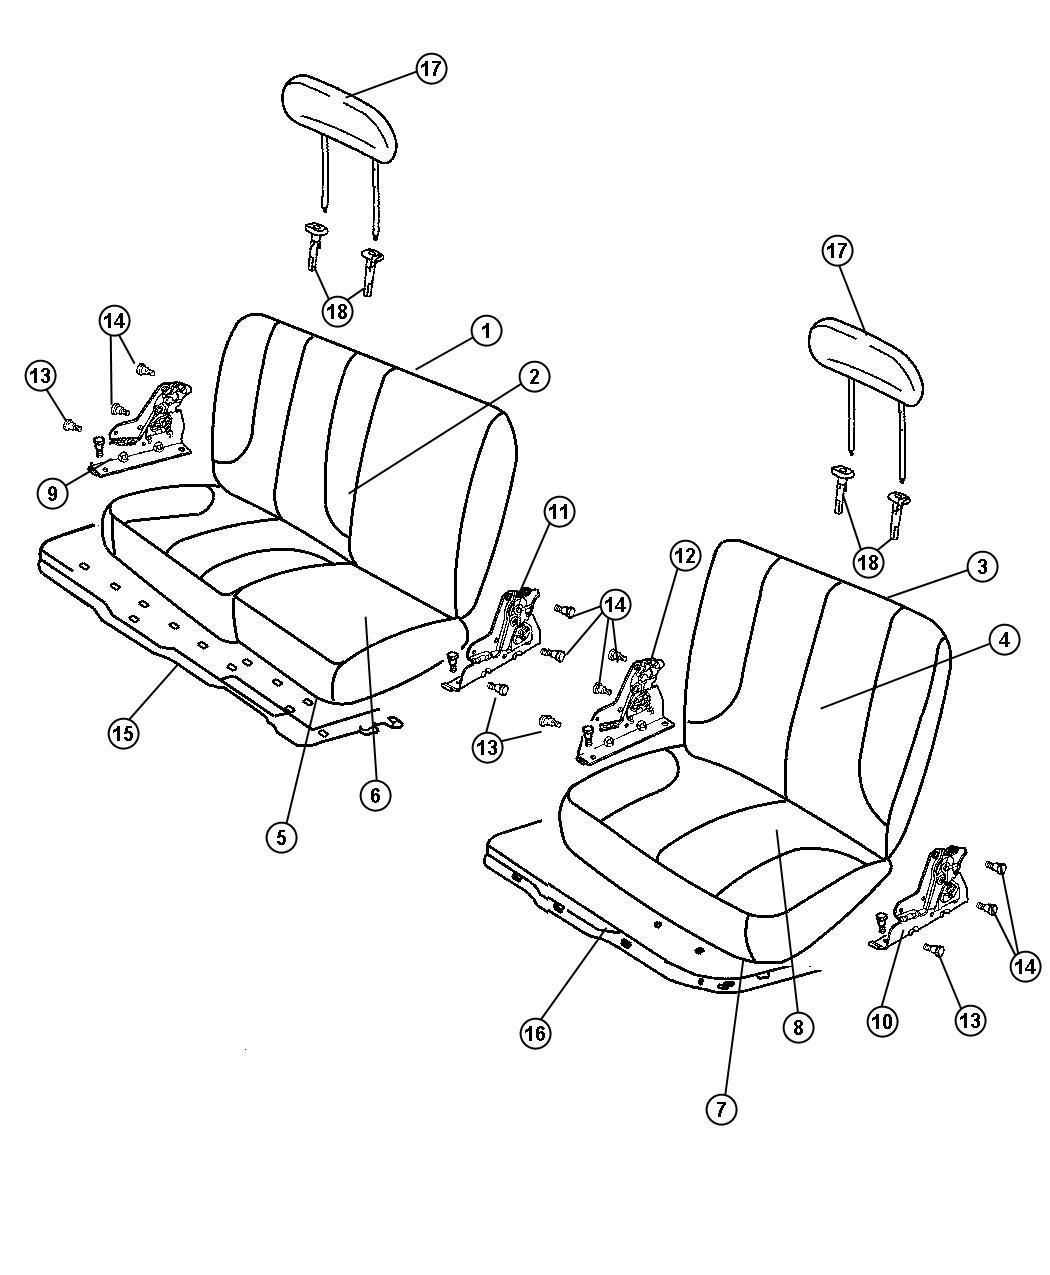 Dodge Ram 4500 Armrest. Seat. [kt]. Trim: [leather trimmed